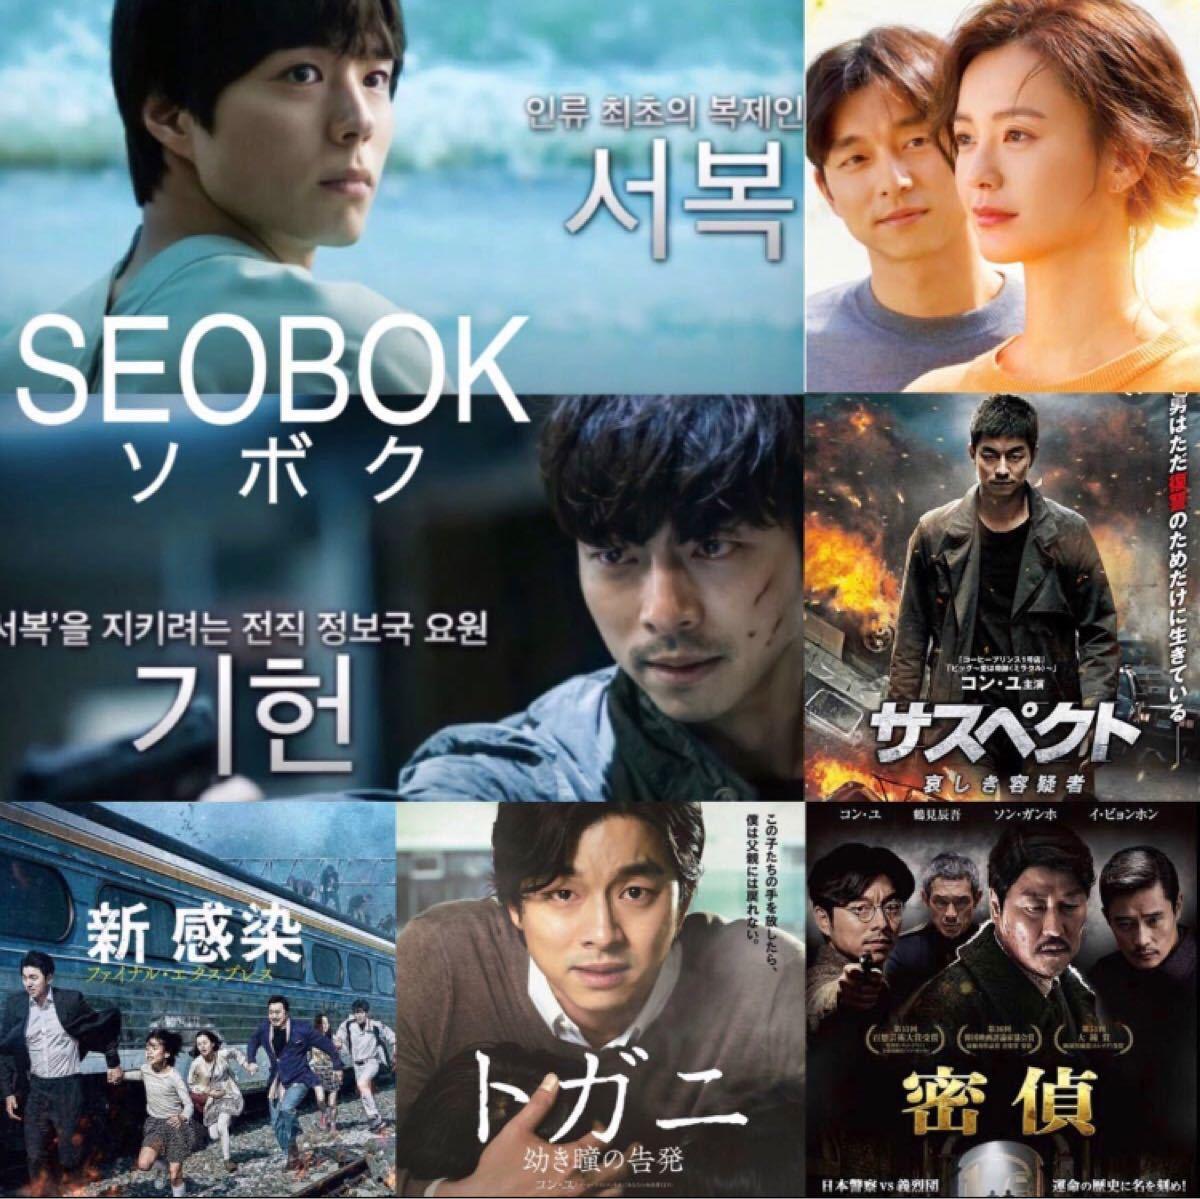 韓国映画  コン・ユ  出演映画  DVD  6点セット  レーベル有り